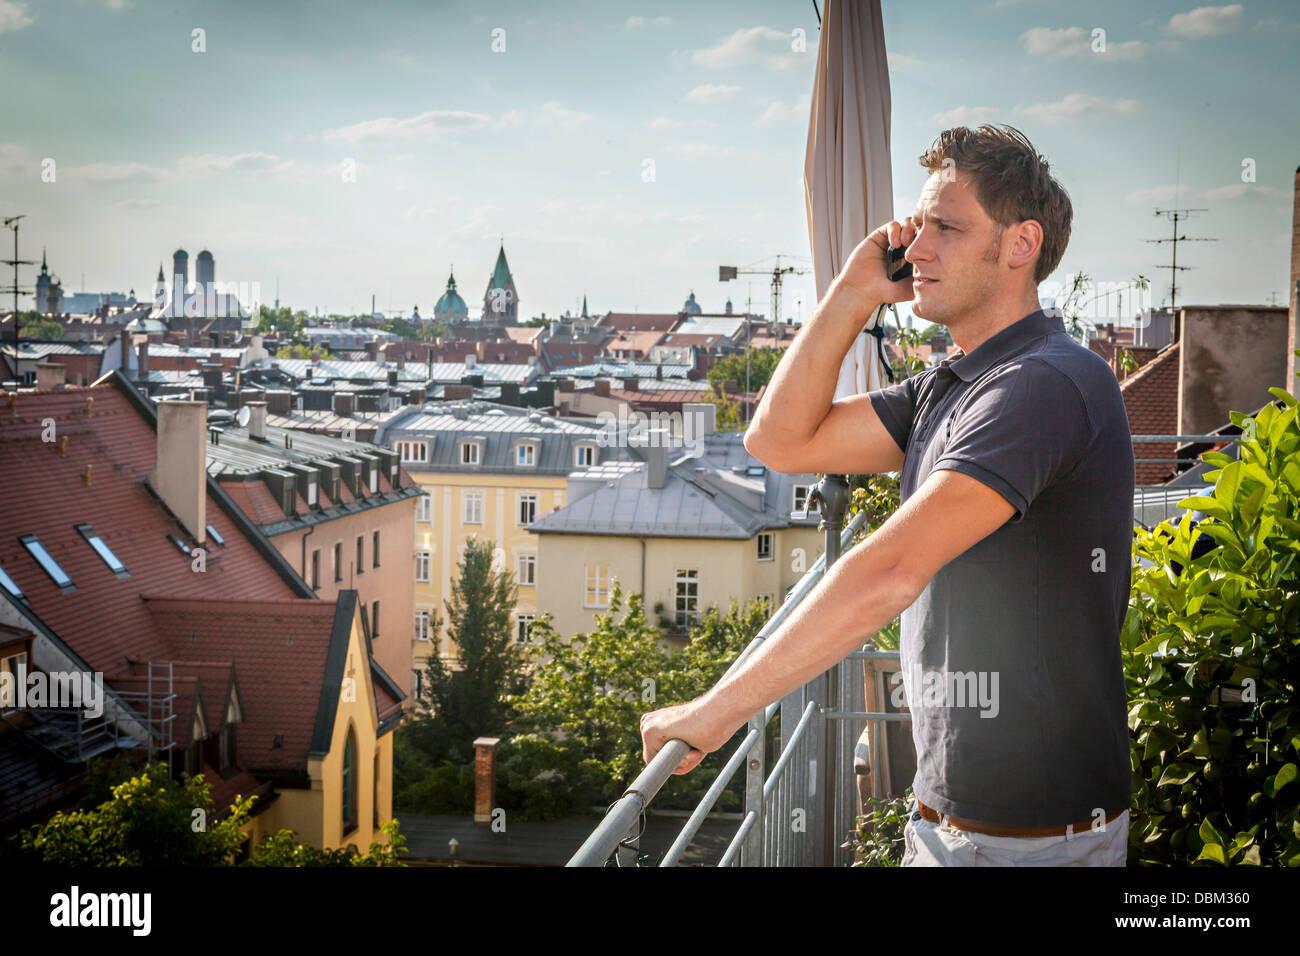 Hombre en un balcón a través de teléfono móvil, Munich, Baviera, Alemania, Europa Imagen De Stock